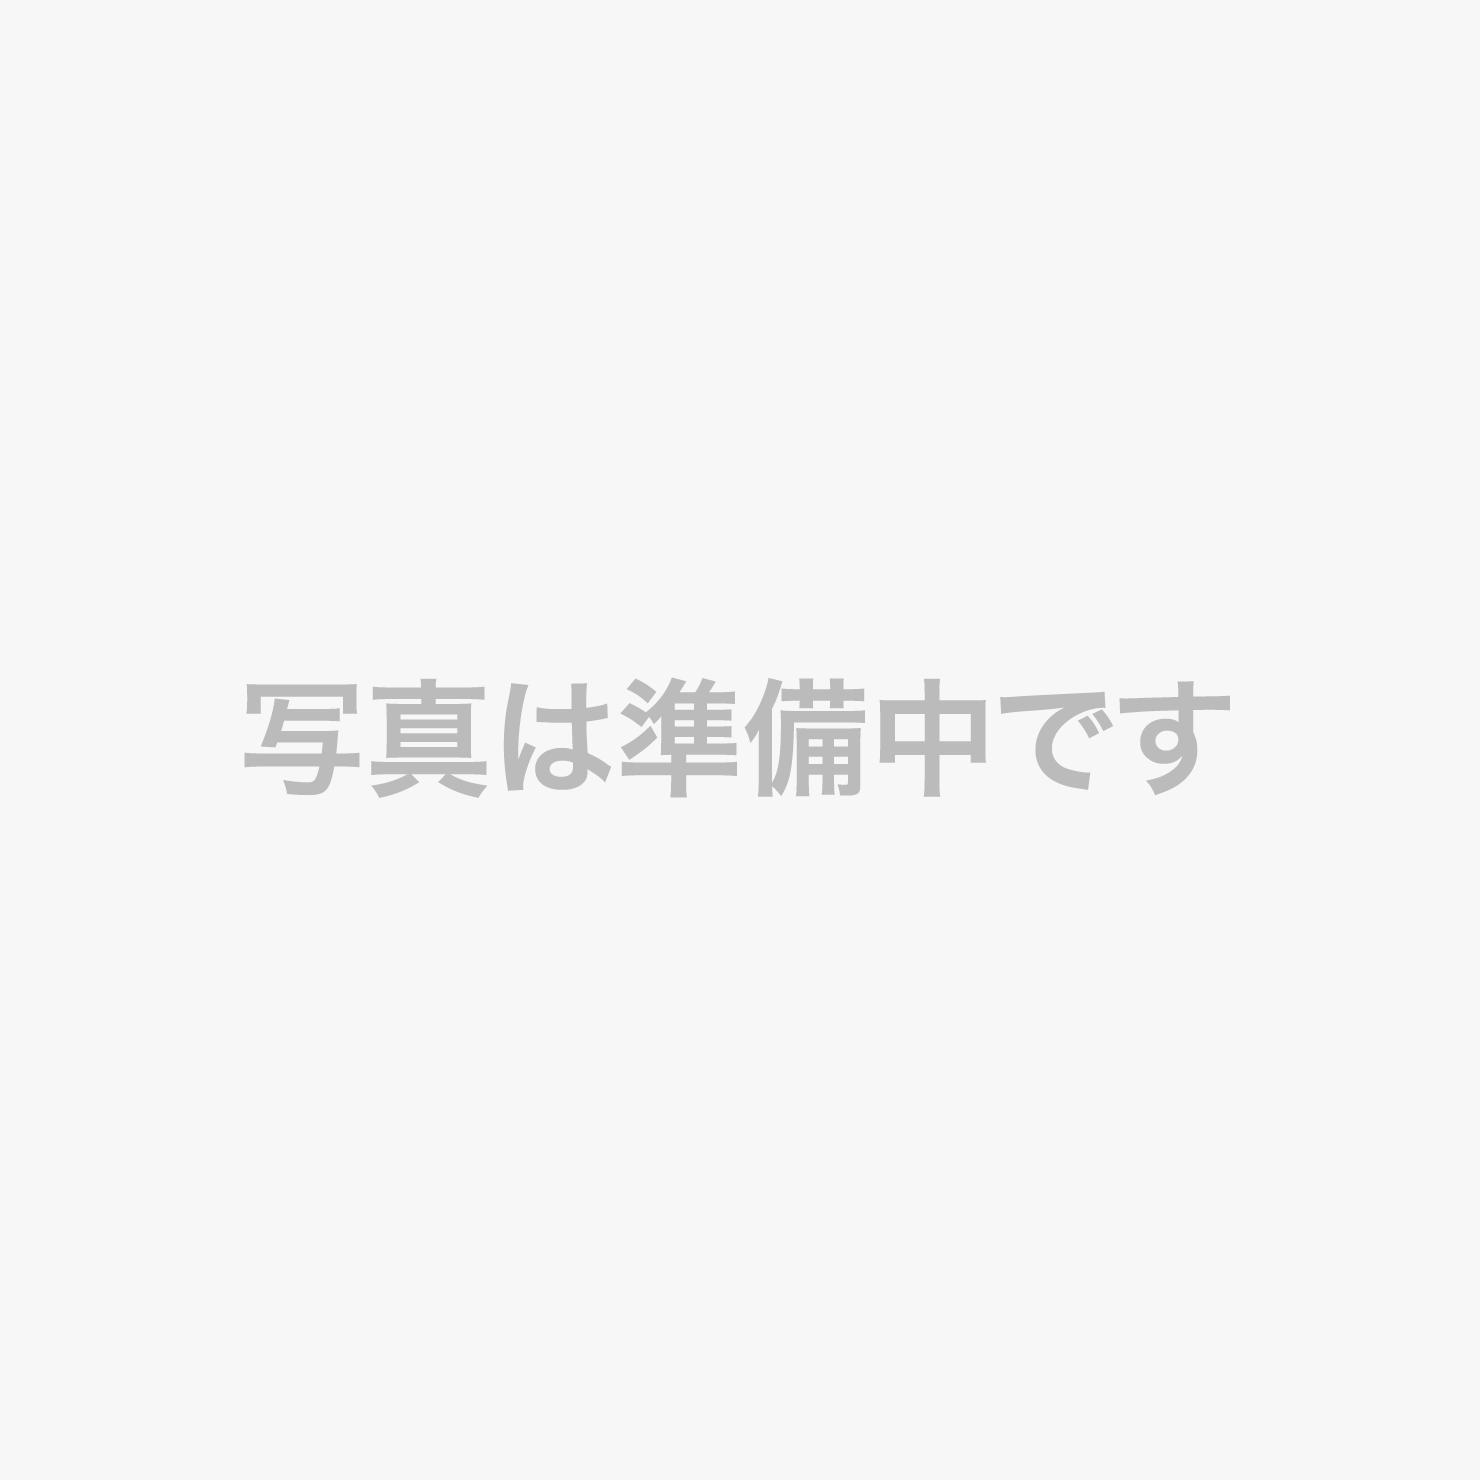 10帖禁煙室(五重塔側)夜22:00まで興福寺五重塔がライトアップしております。素敵なご眺望をお楽しみ下さいませ。